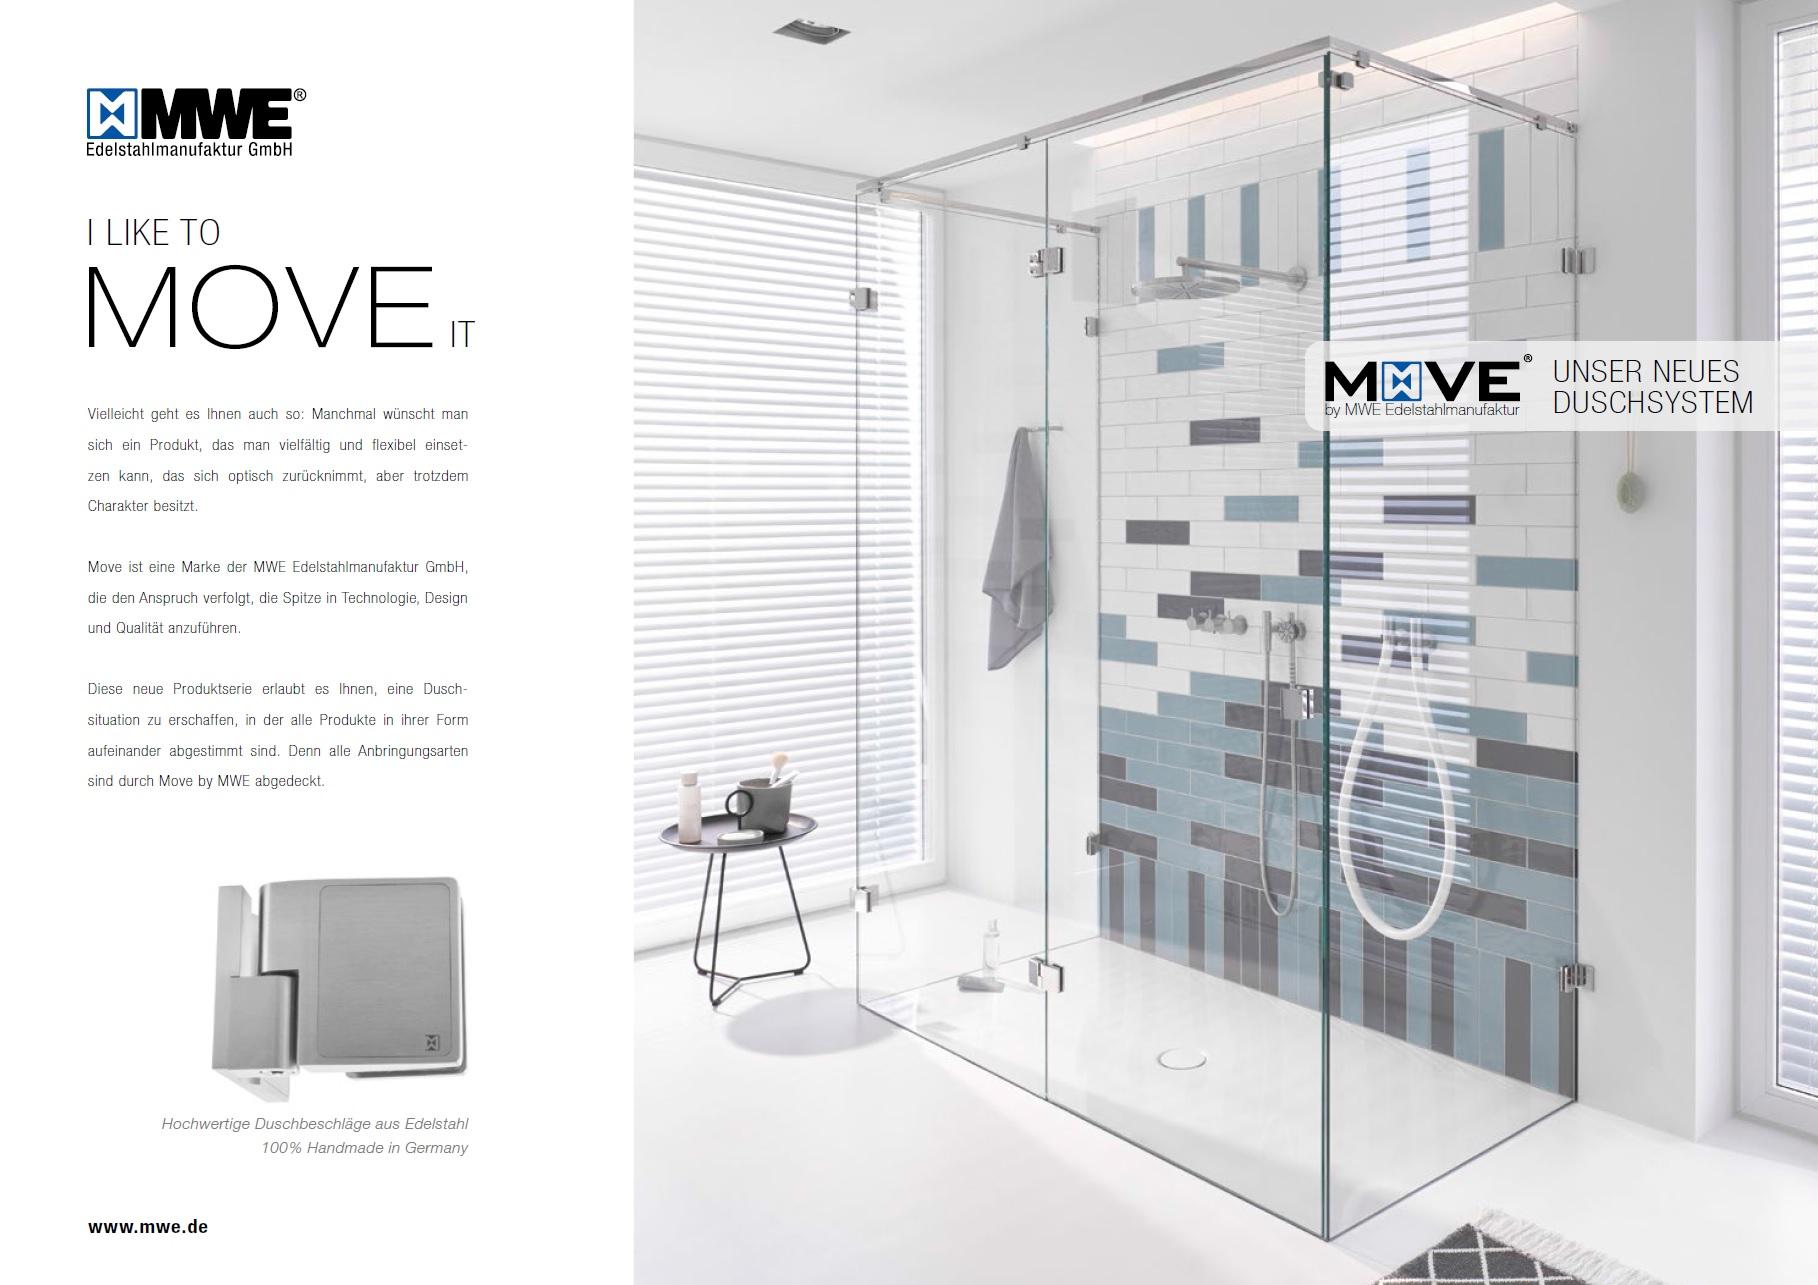 @MWE - Move